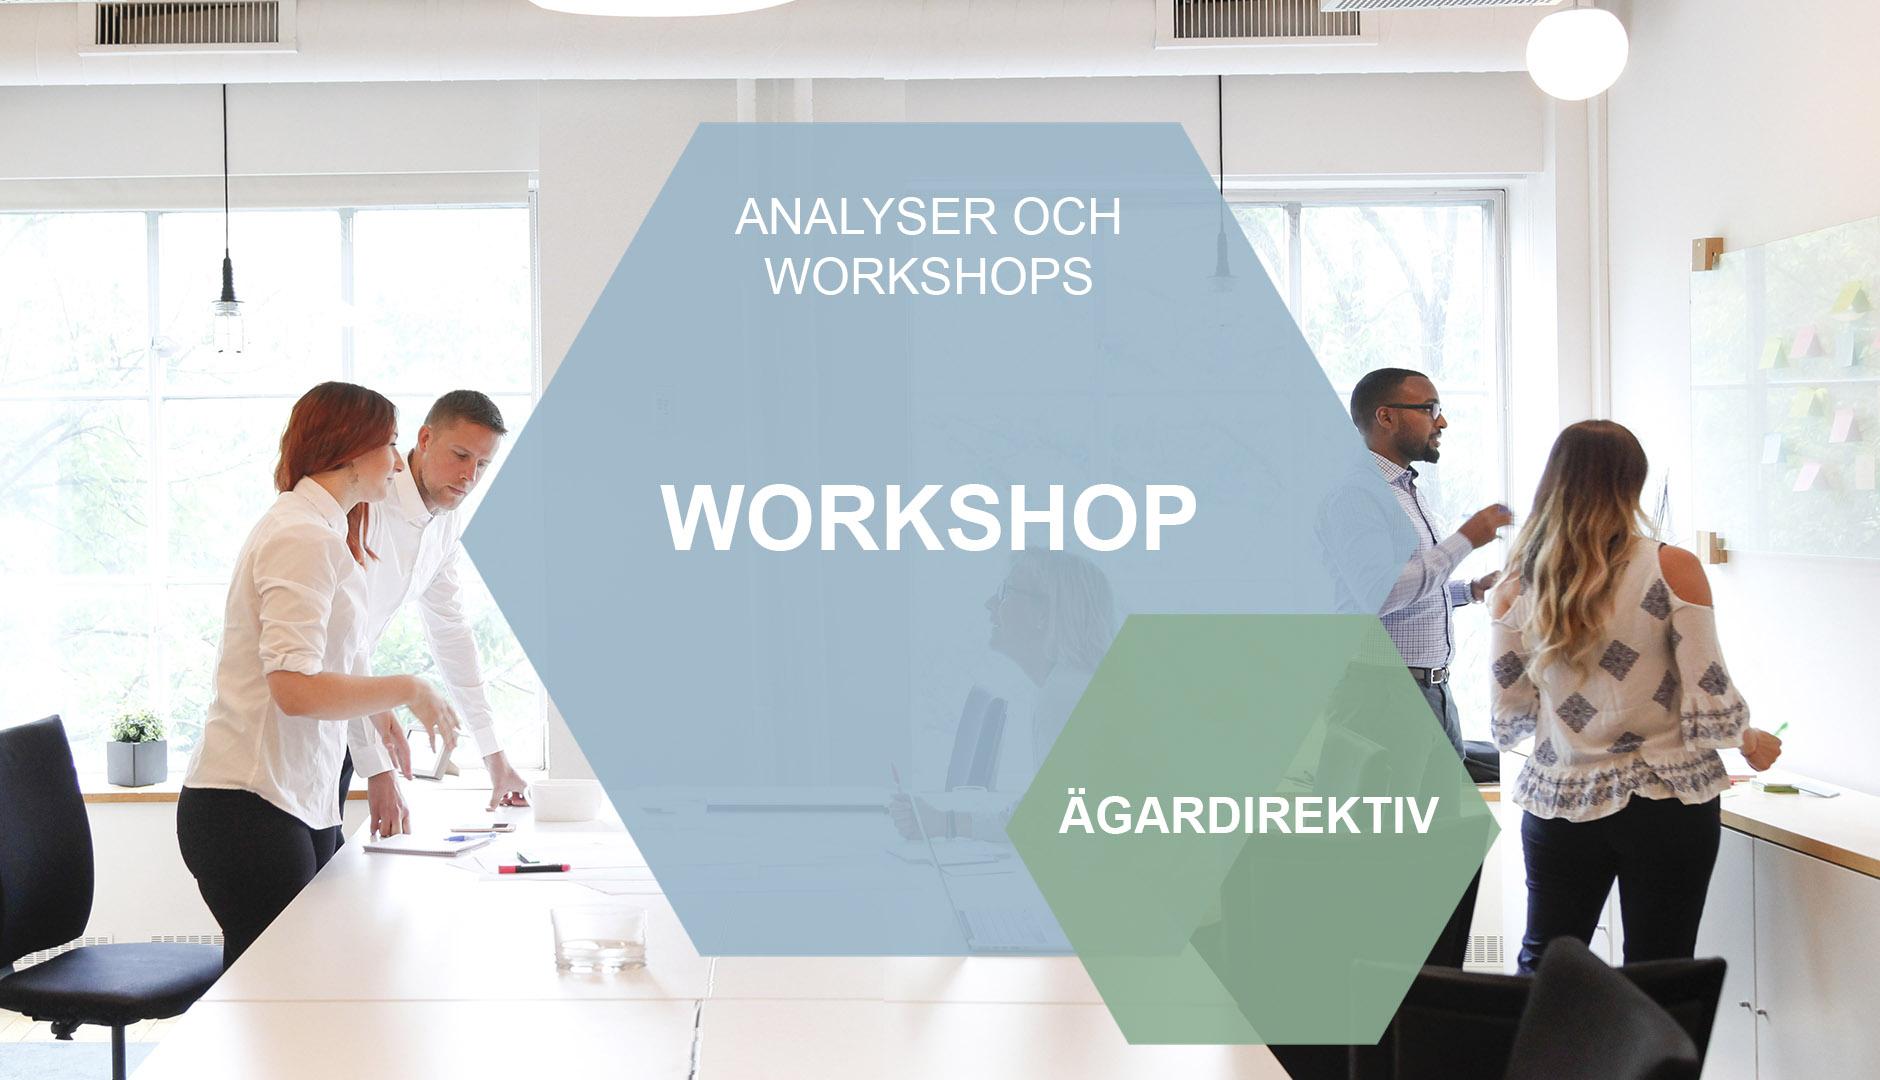 Ägardirektiv workshop i hexagon mot bakgrund av människor som workshoppar